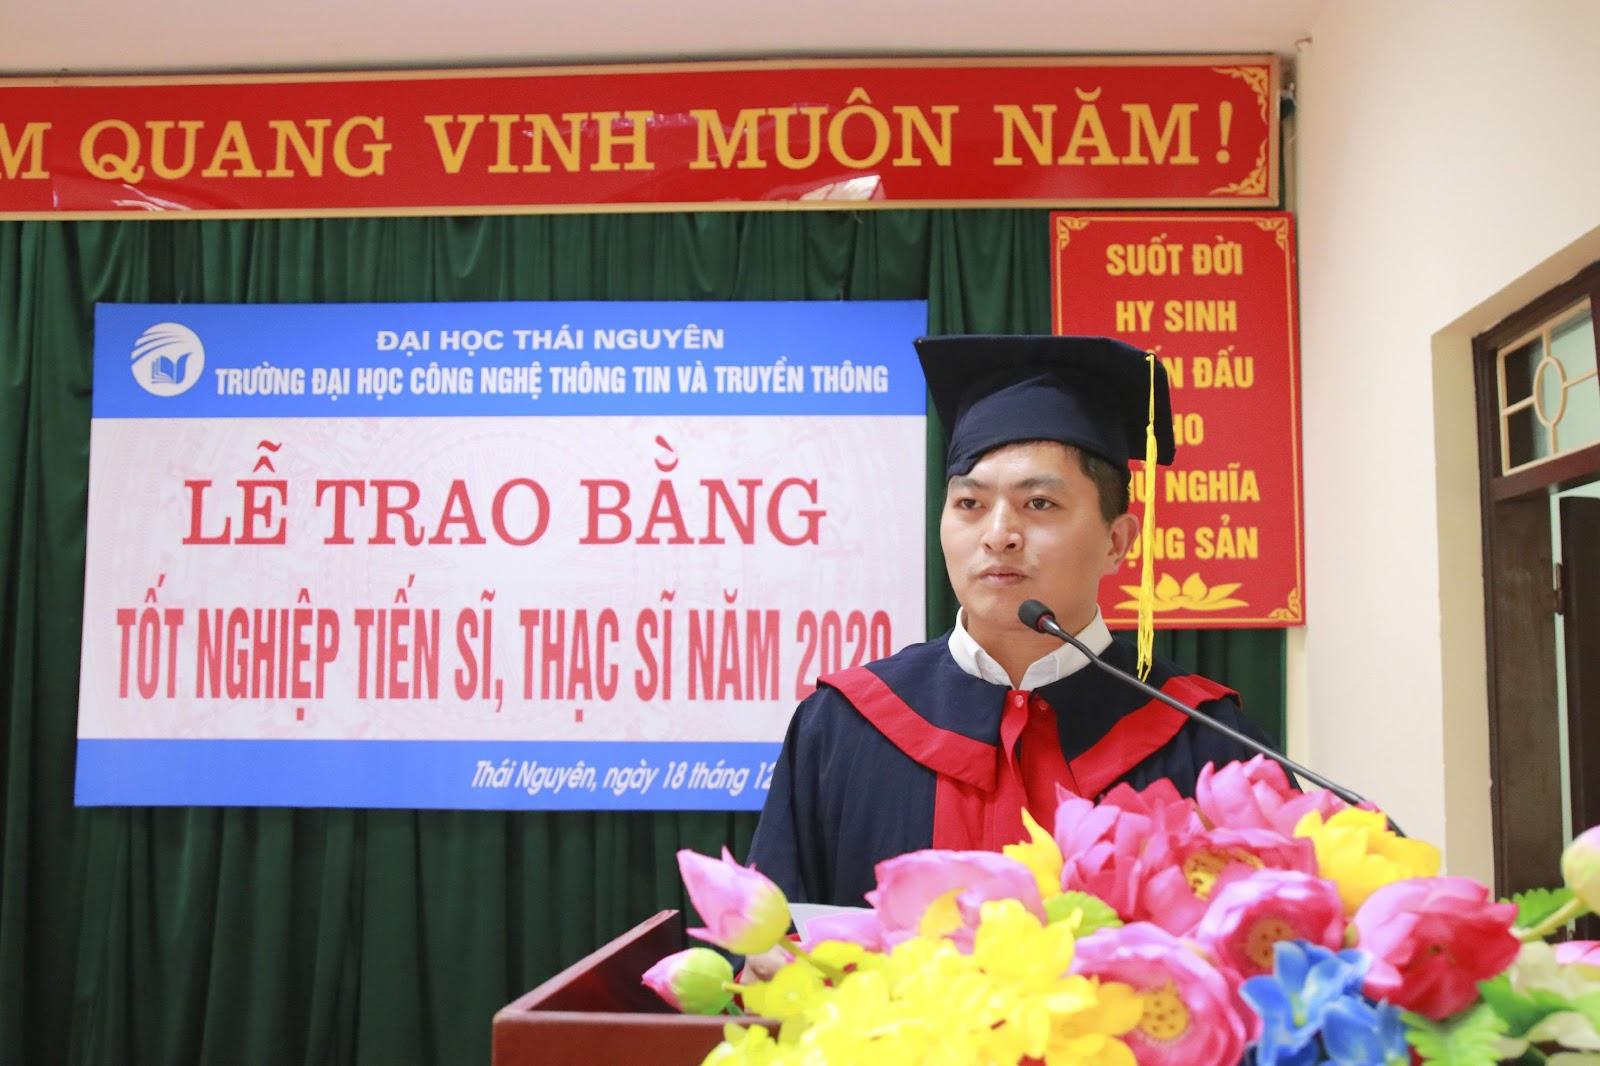 Tân thạc sĩ Vũ Xuân Anh phát biểu cảm nghĩ tại buổi lễ.